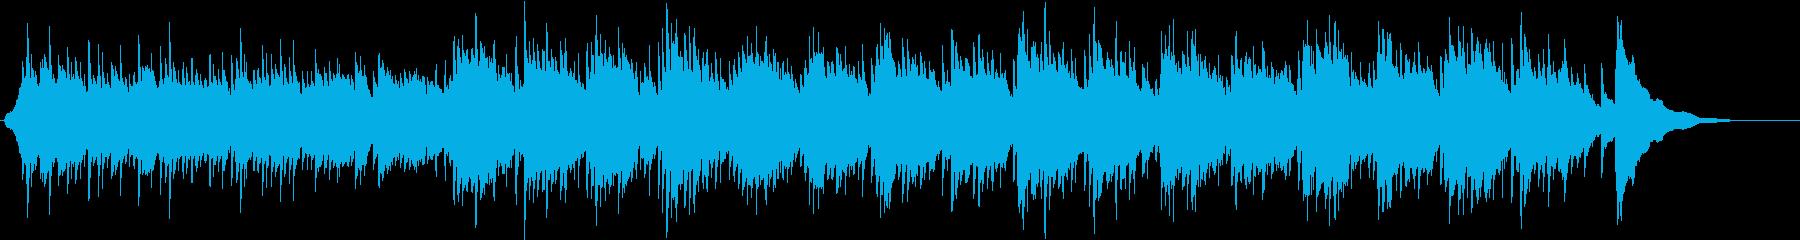 アコギ生演奏 穏やか 優しい リラックスの再生済みの波形